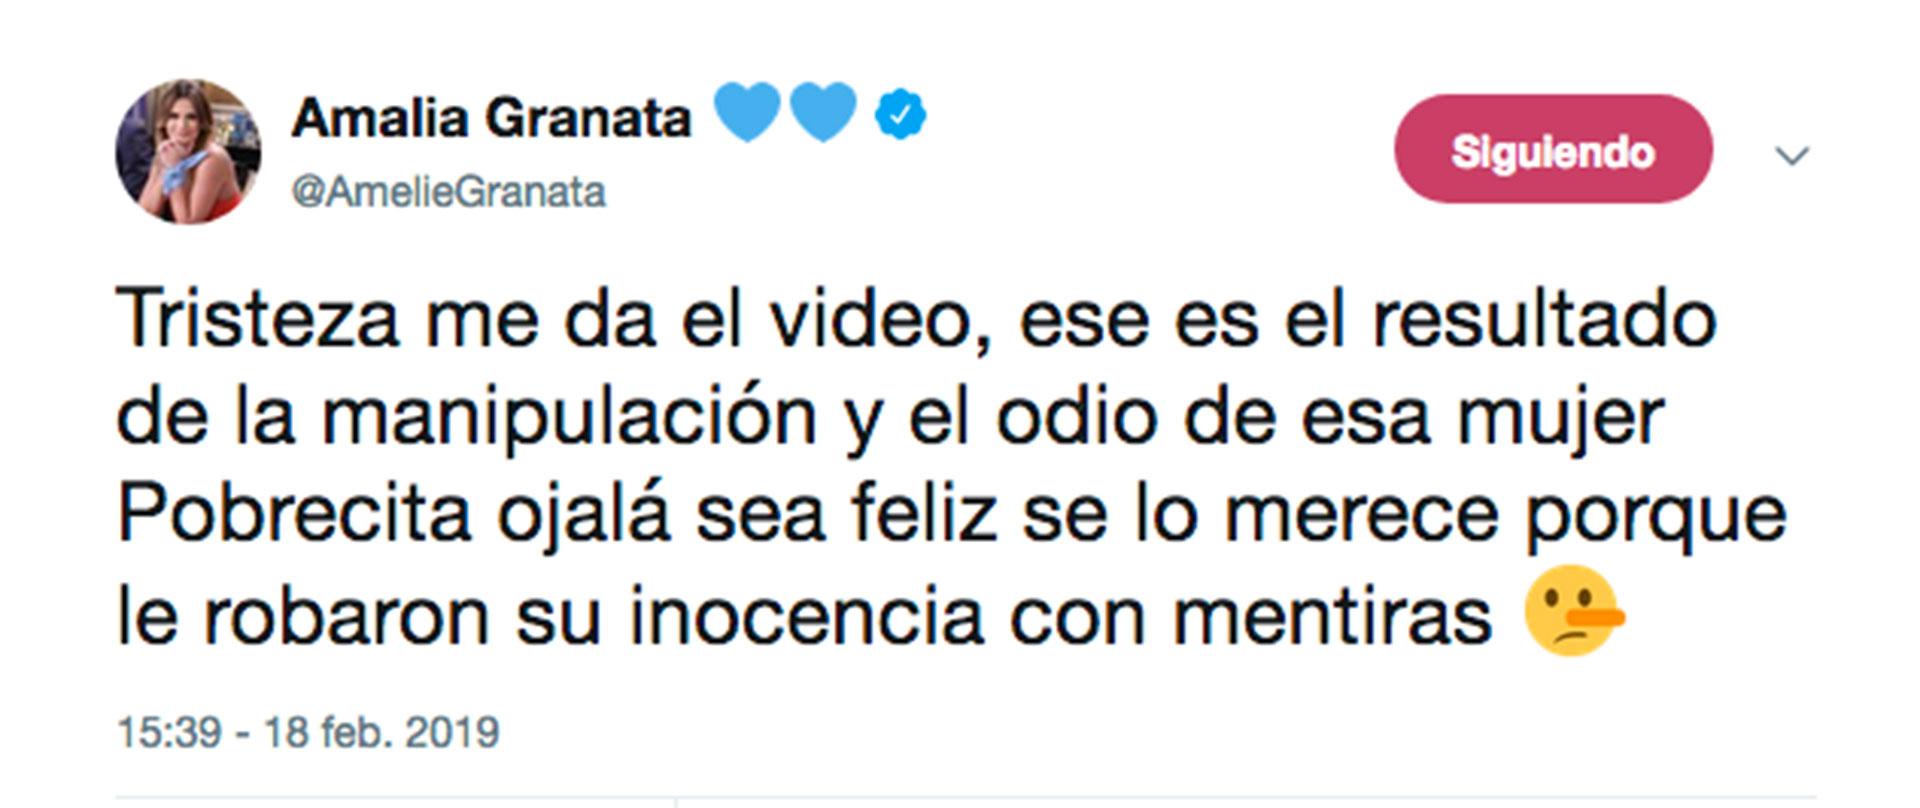 Uno de los tuits de Amalia Granata mientras Anna Chiara salía al aire en Intrusos.